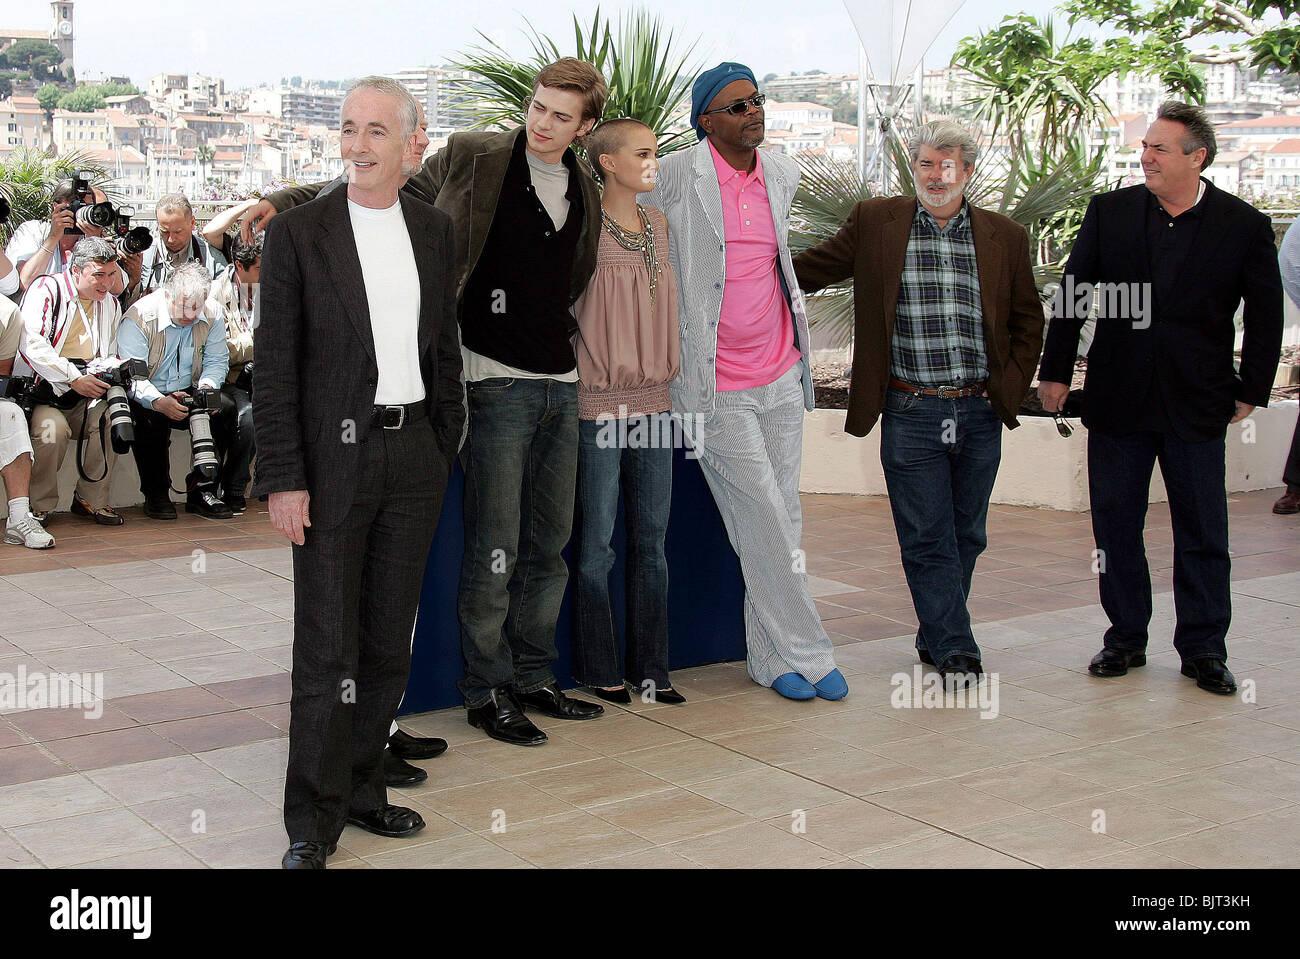 Foto de STAR WARS llamada Festival de Cannes 2005 CANNES FRANCIA 16 de mayo de 2005 Imagen De Stock